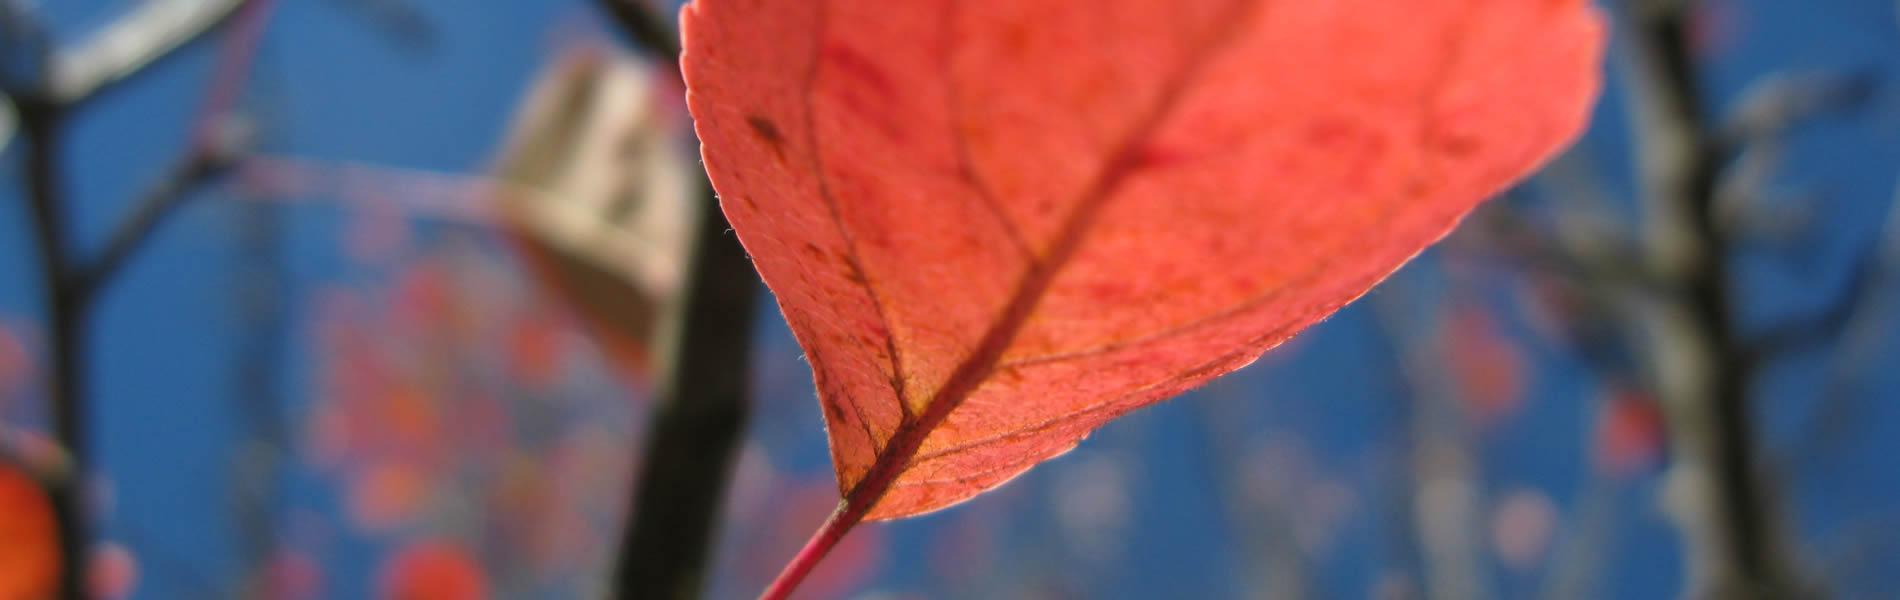 Φύλλα άγριας μηλιάς το Φθινόπωρο στα Ζαγοροχώρια